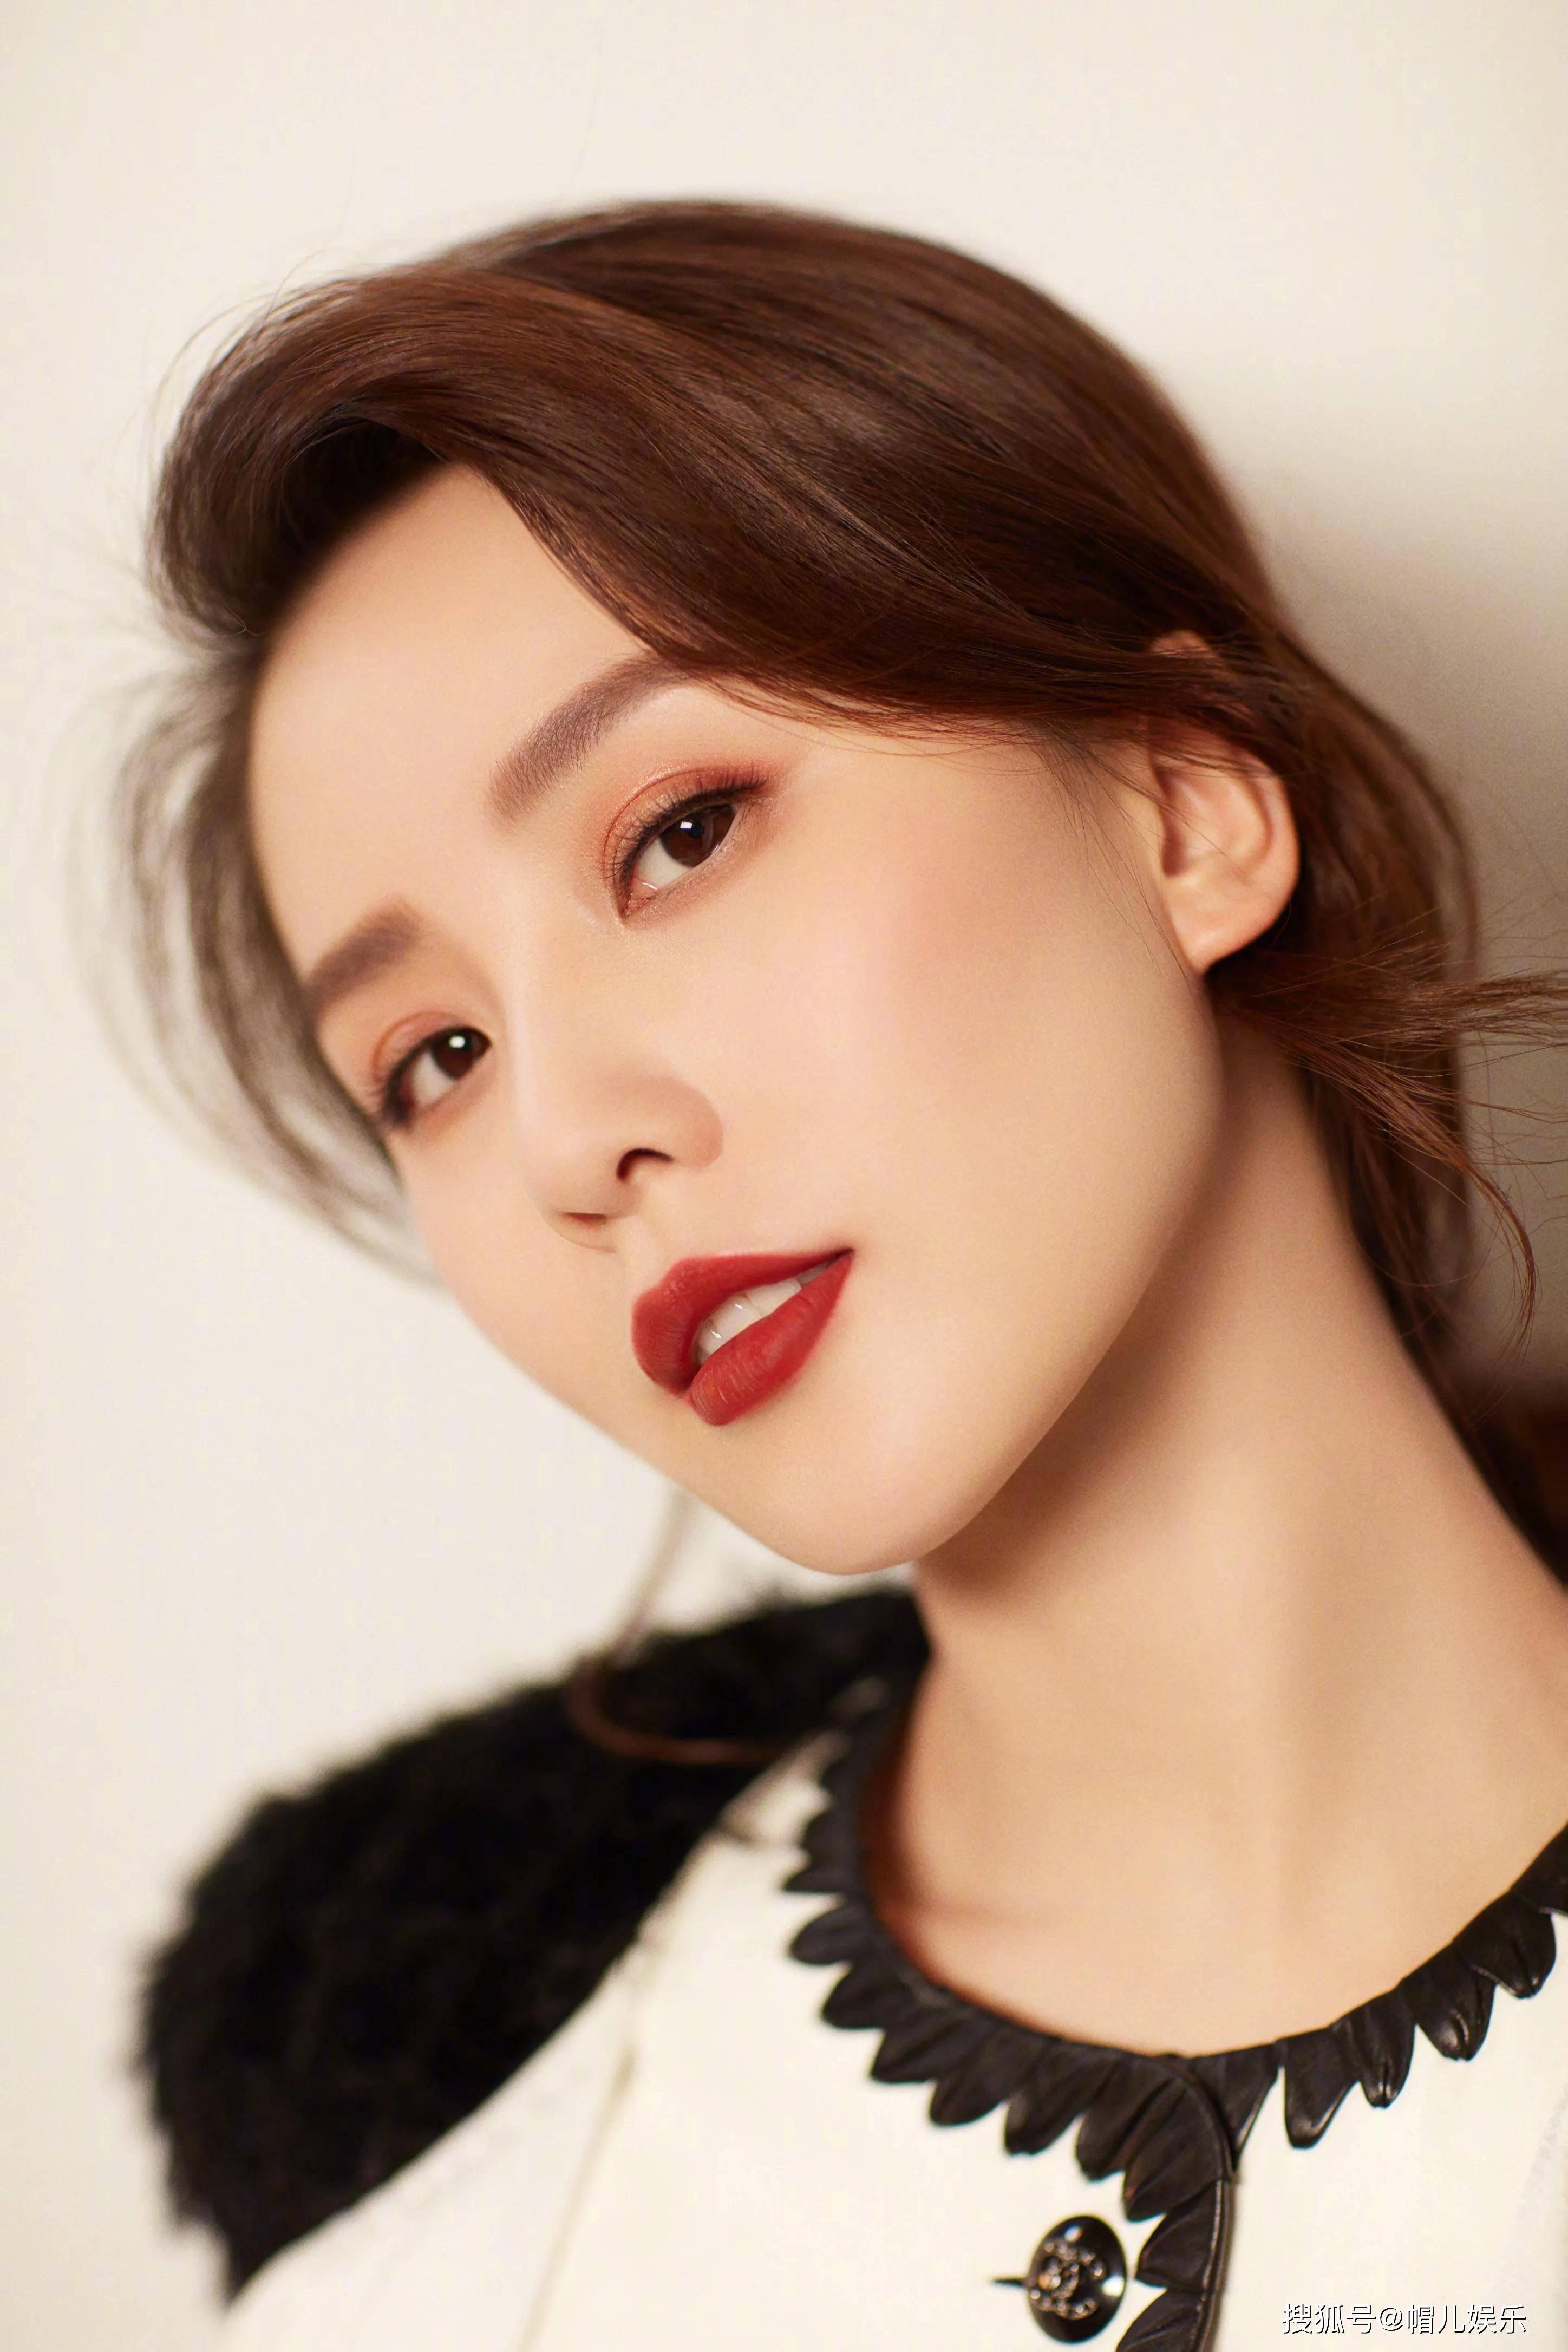 刘诗诗香奈儿美容化妆品